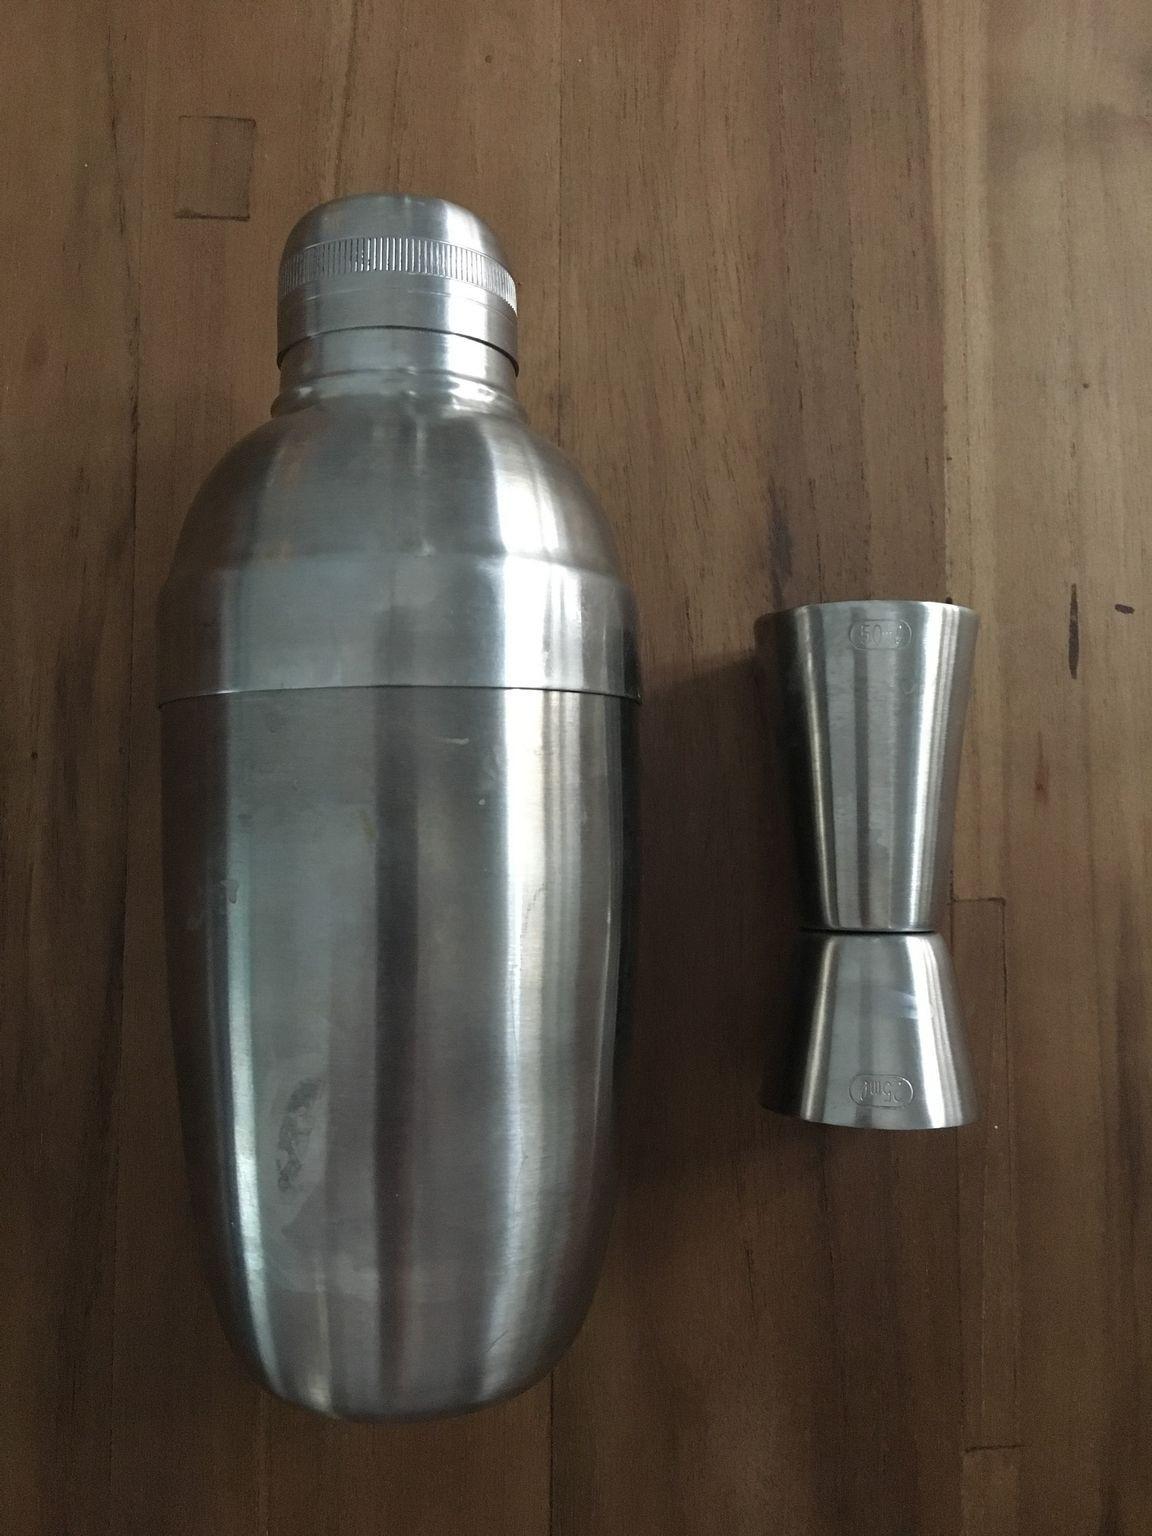 5x5 glass vase of https en shpock com i wxswprqxmww0ffk 2017 08 05t172440 inside stainless steel cocktail shaker shot measur 9309fa